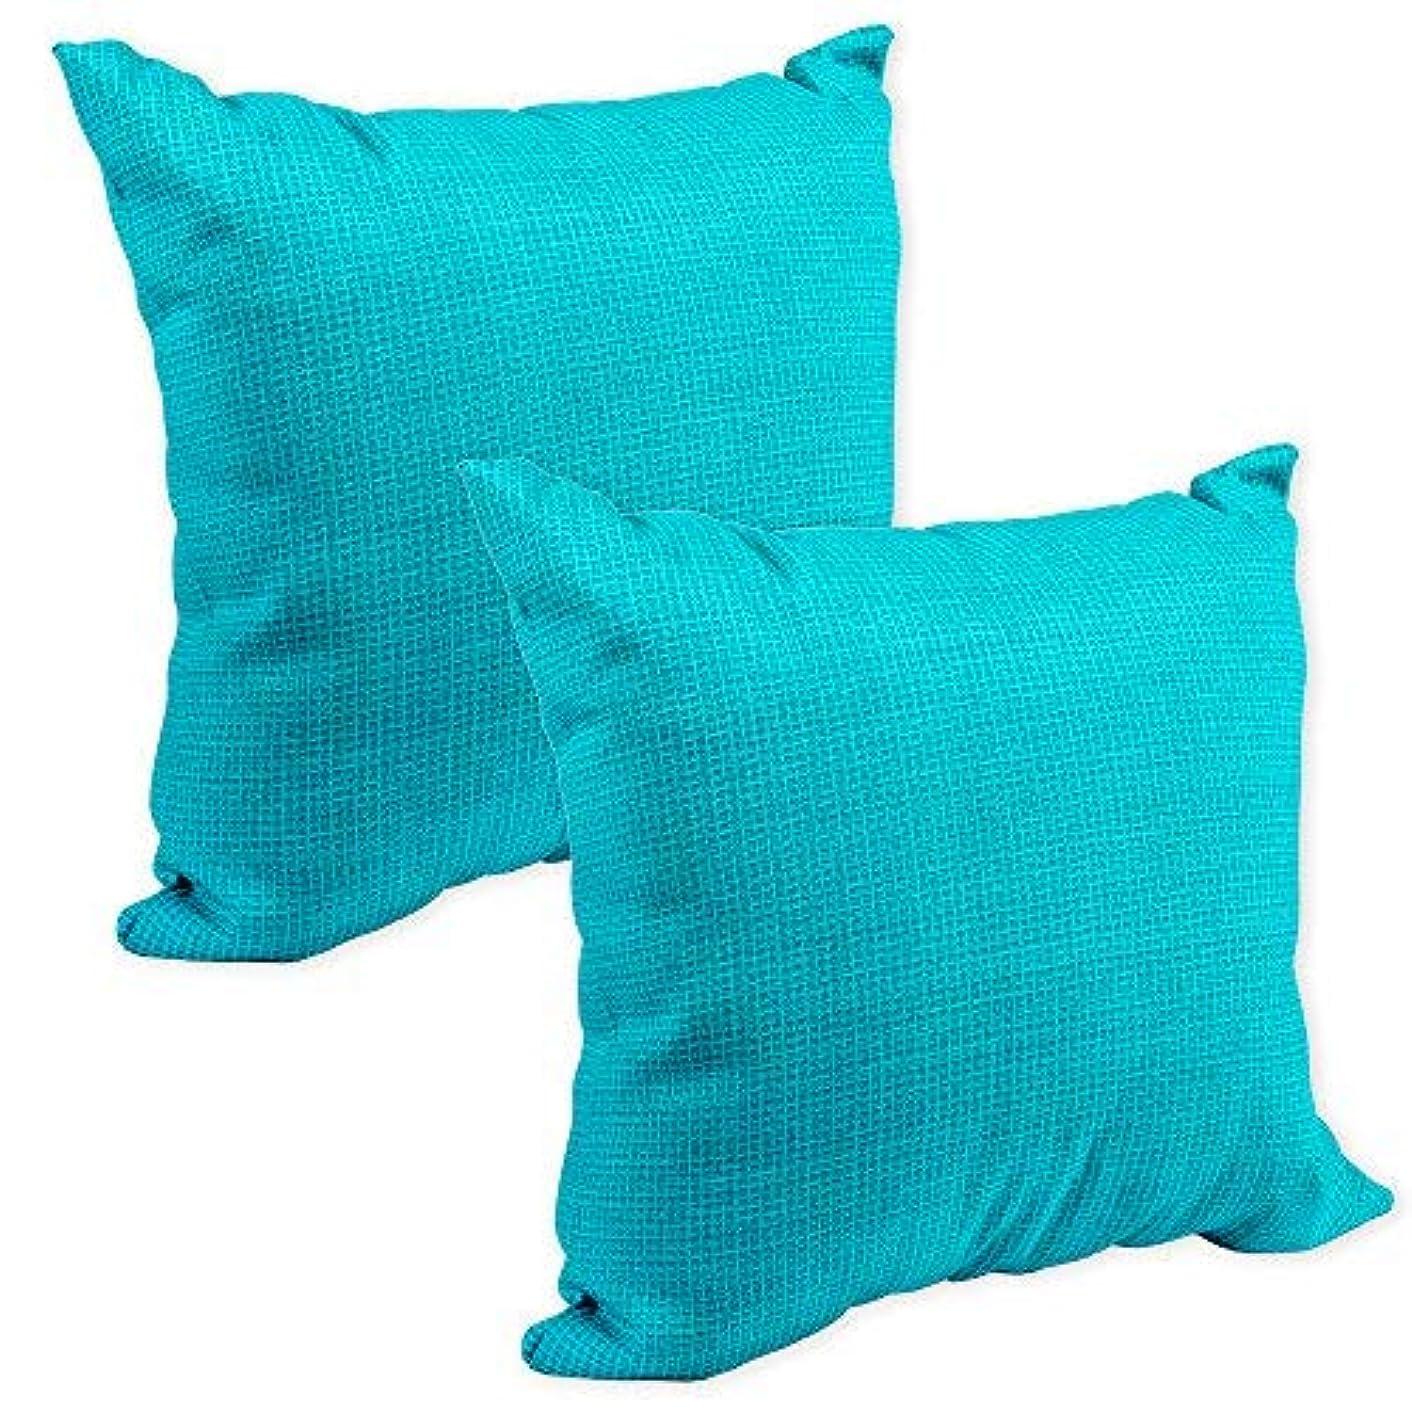 クルーズ始まり十代Aqua Blue Aquarius Tiny Weave Print 16 x 16 Indoor Outdoor Throw Pillow [並行輸入品]